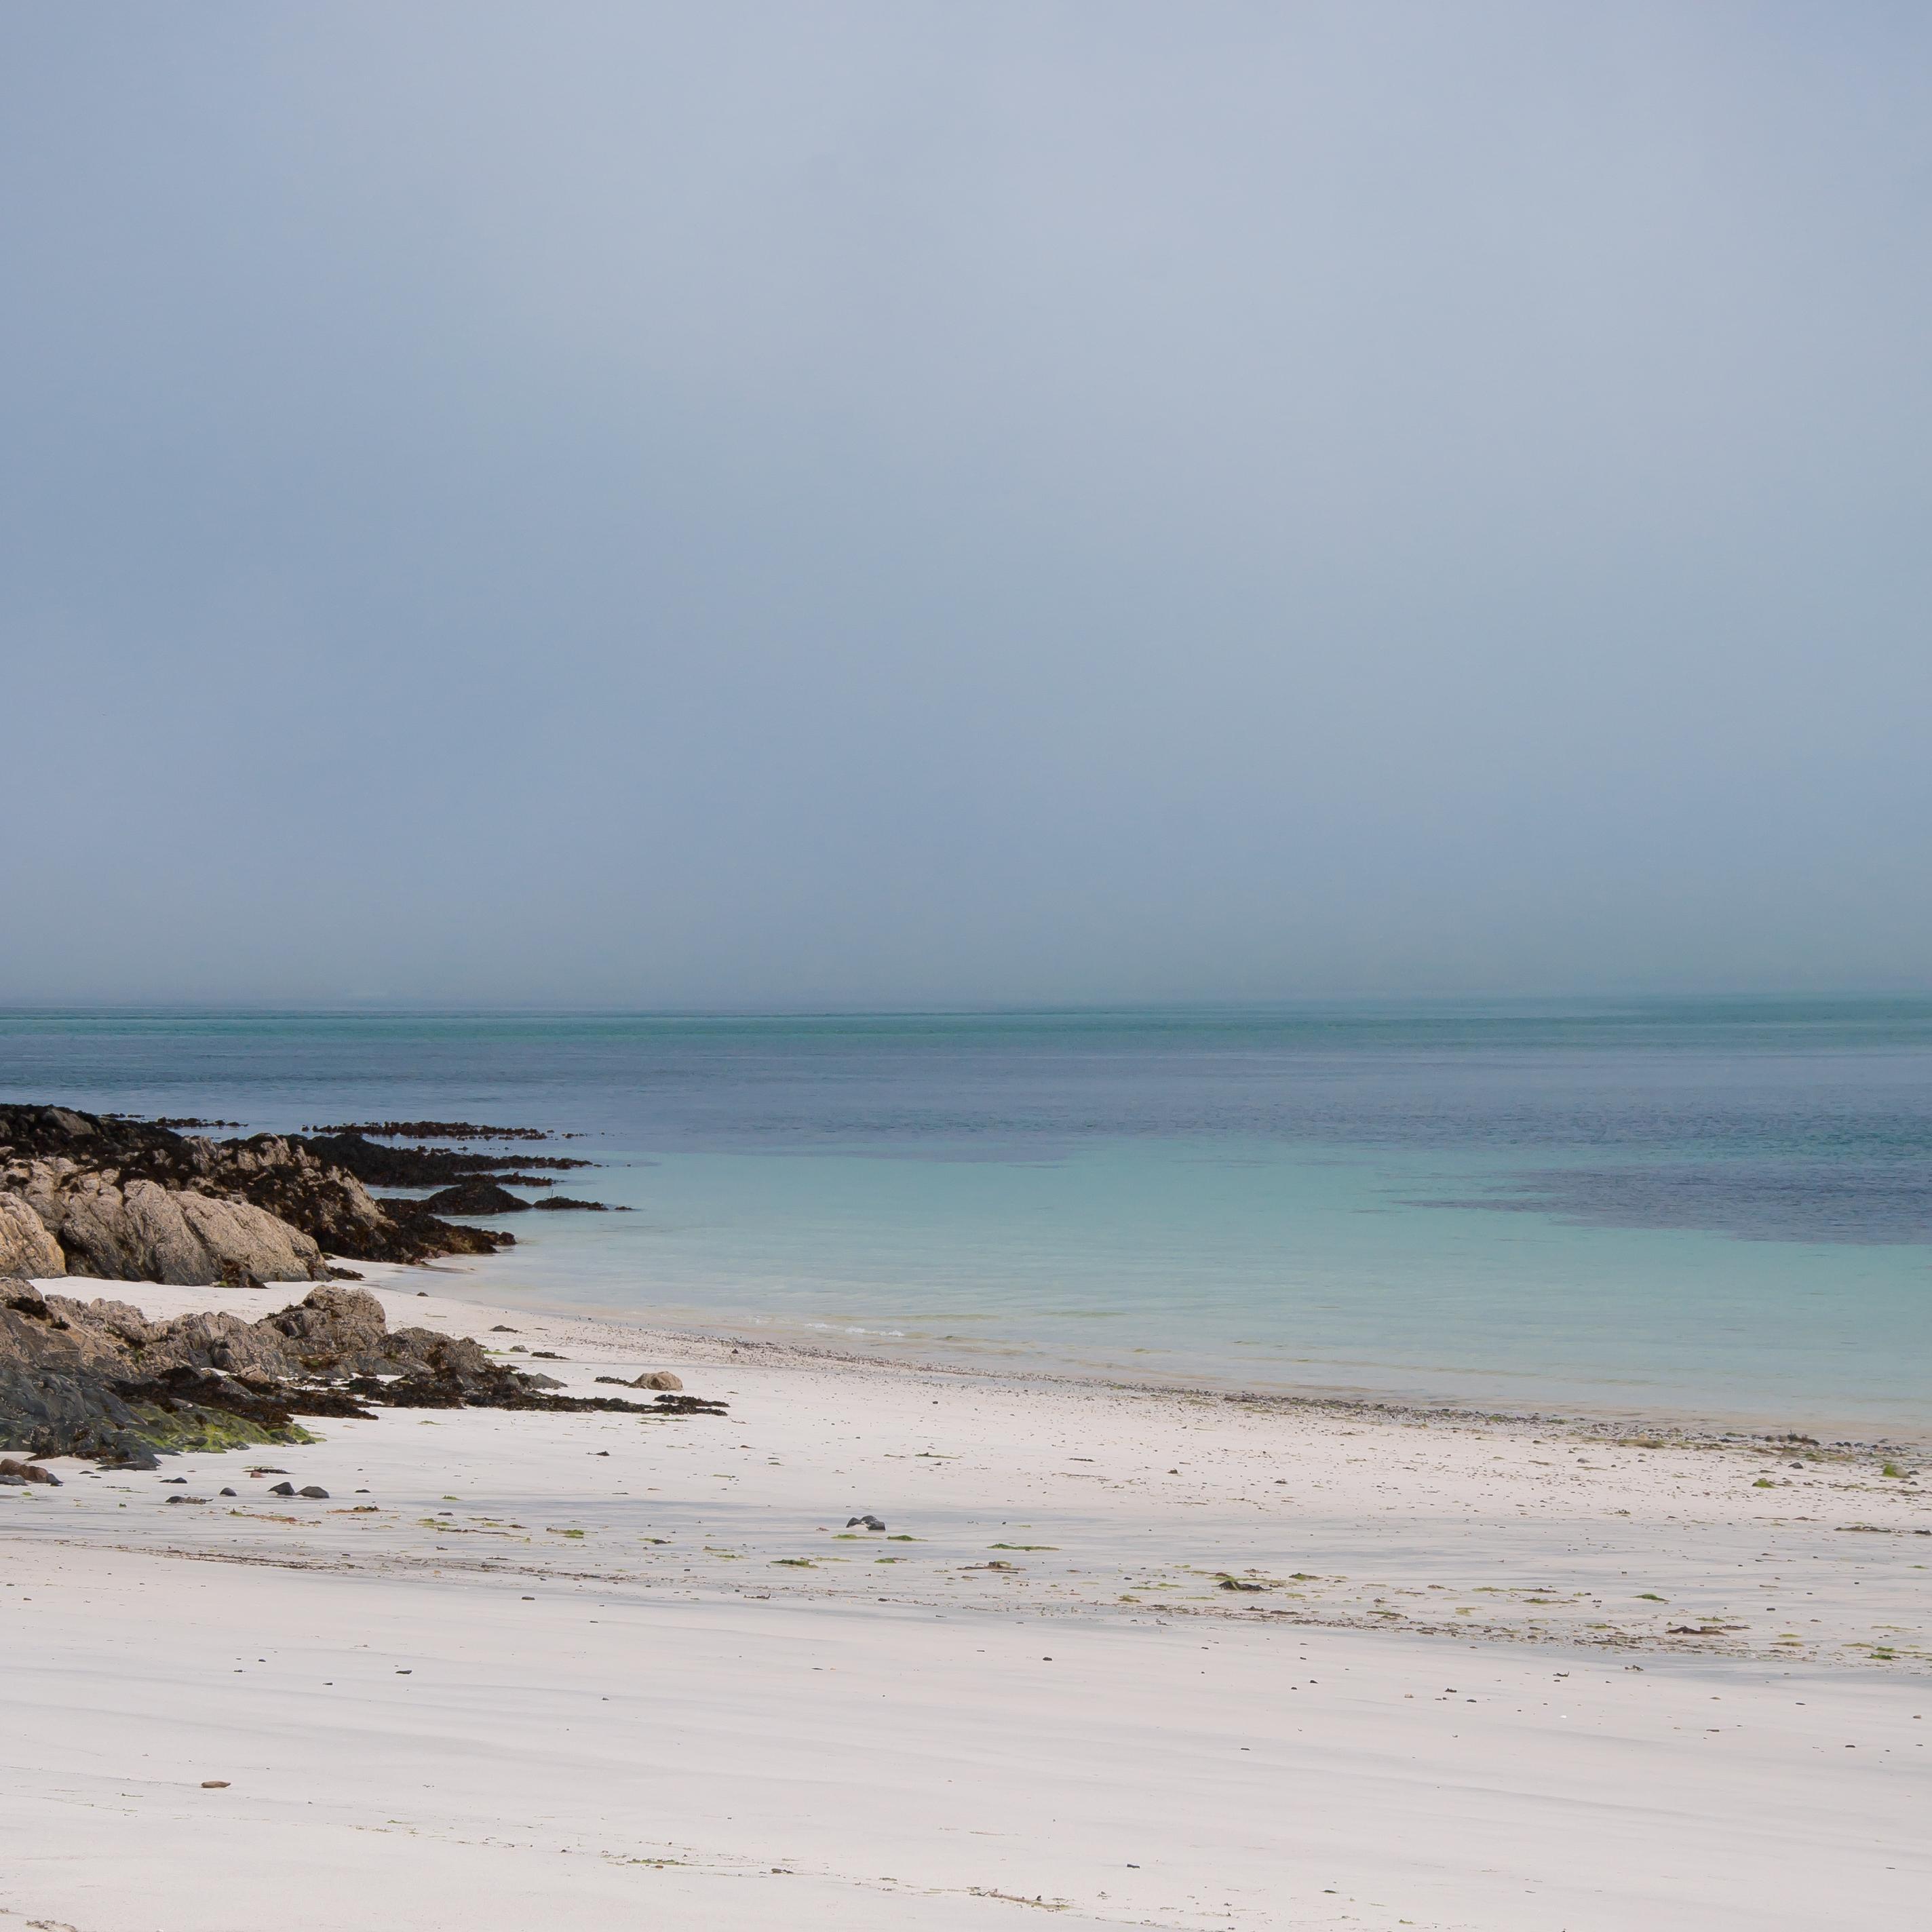 Iona Sea Mist